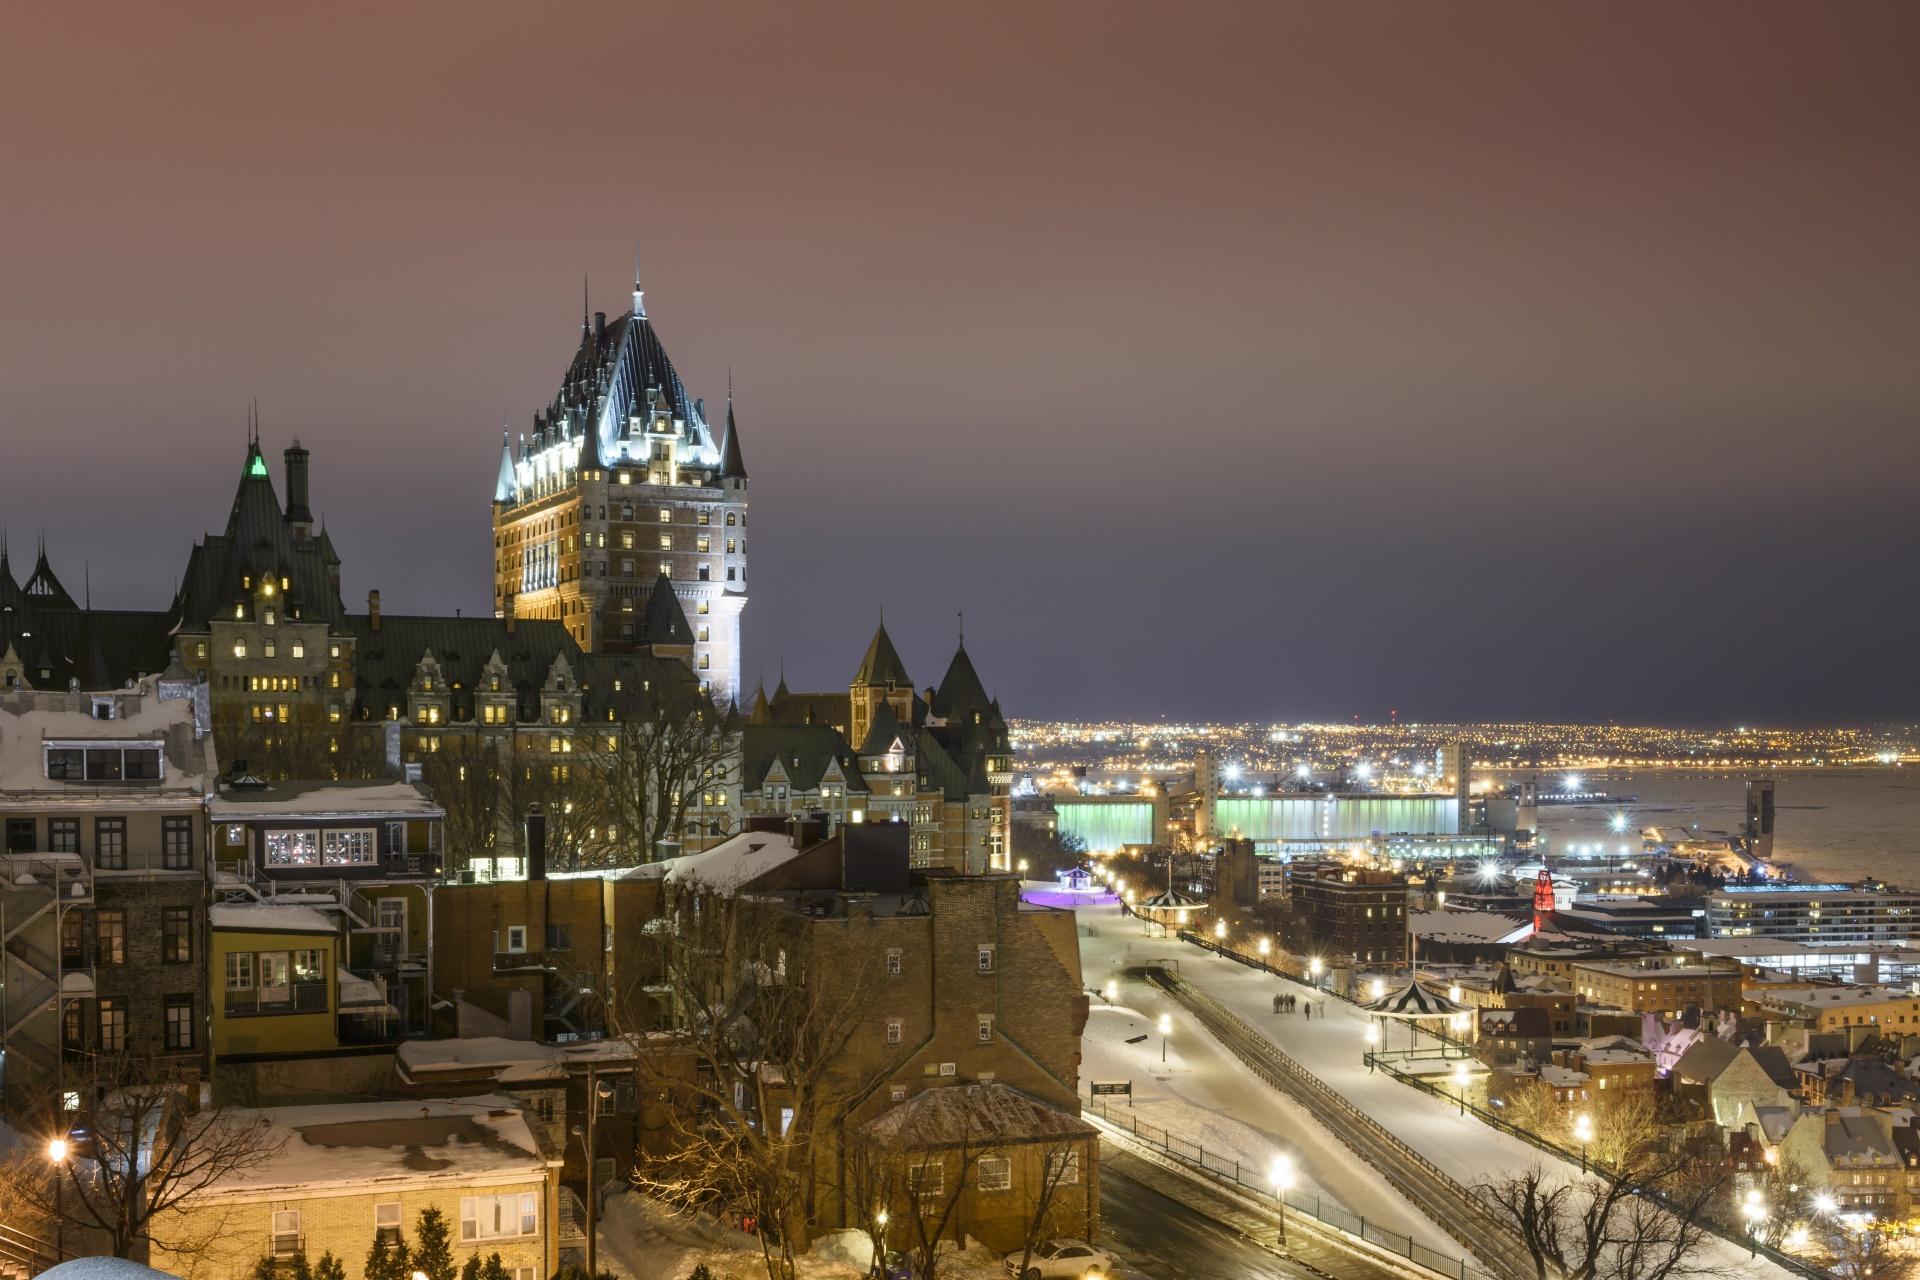 冬の夜のケベック・シティーの風景